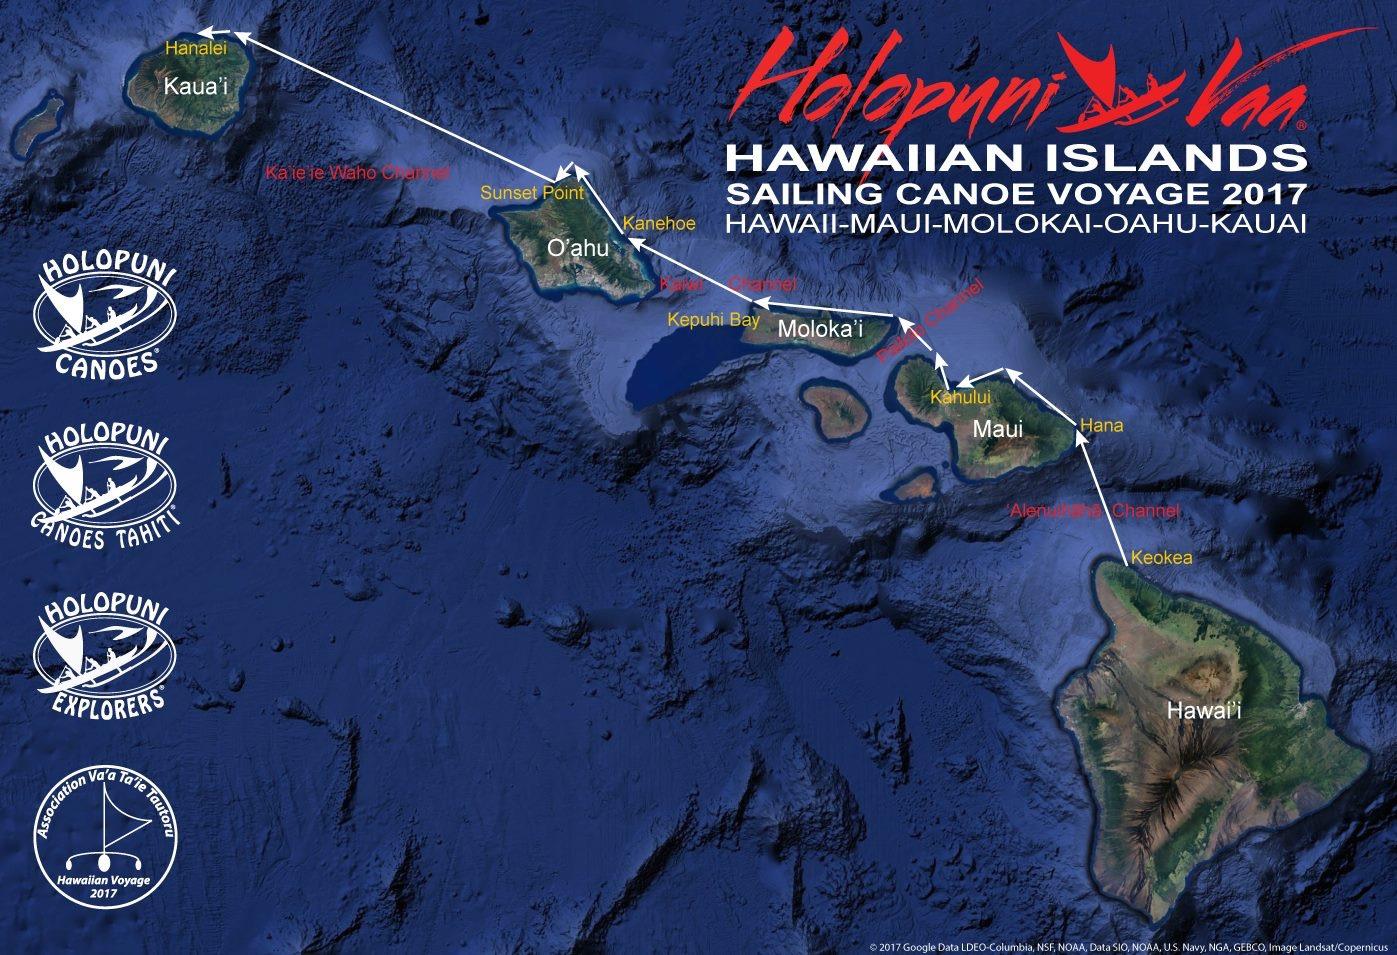 Holopuni Hawaiian Islands Voyage 2017.JPG